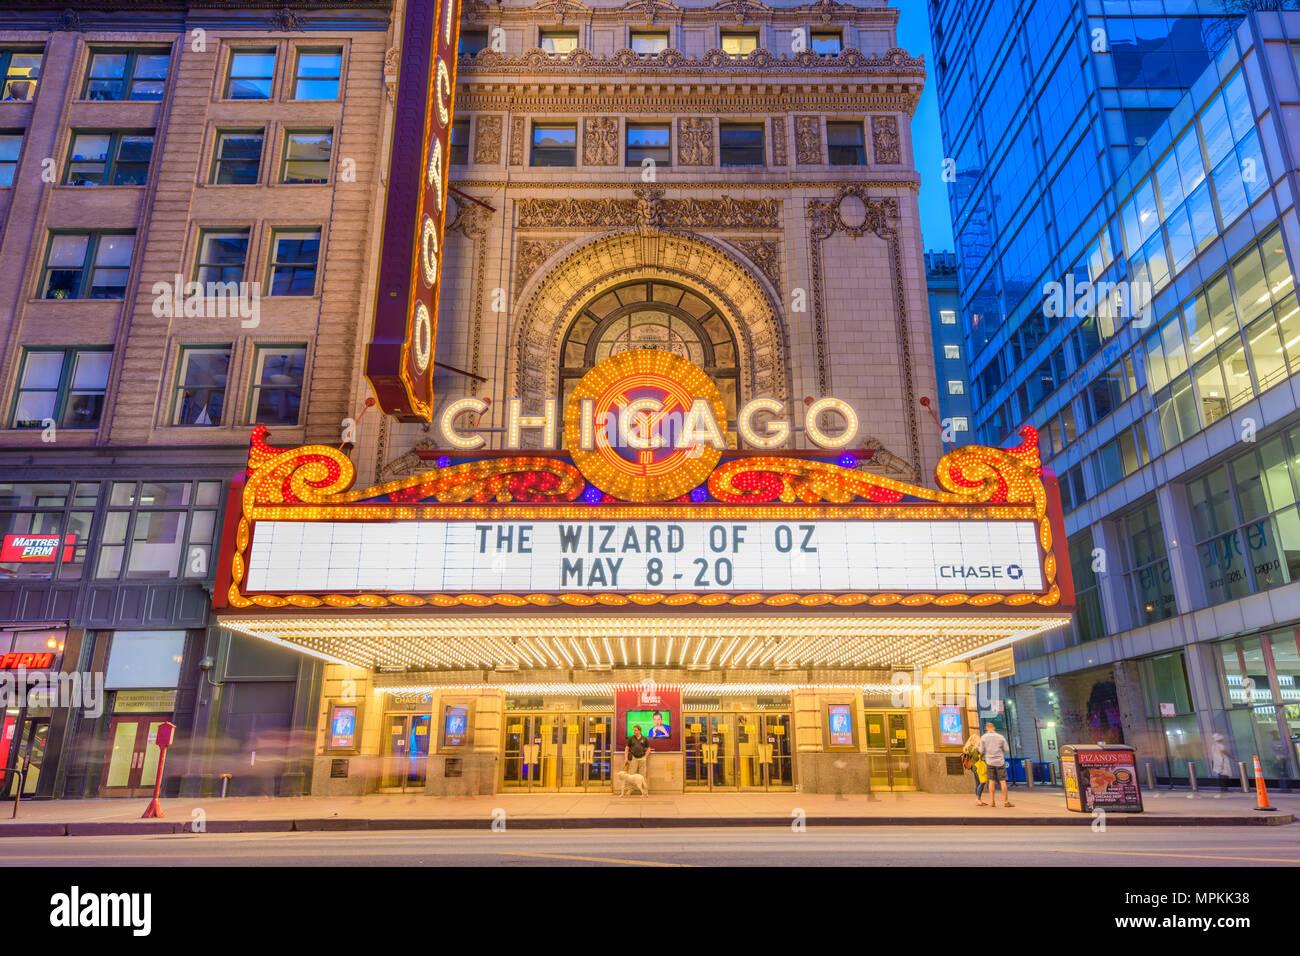 CHICAGO, Illinois - Mayo 10, 2018: El Teatro emblemático de Chicago en State Street en penumbra. El histórico teatro data de 1921. Imagen De Stock